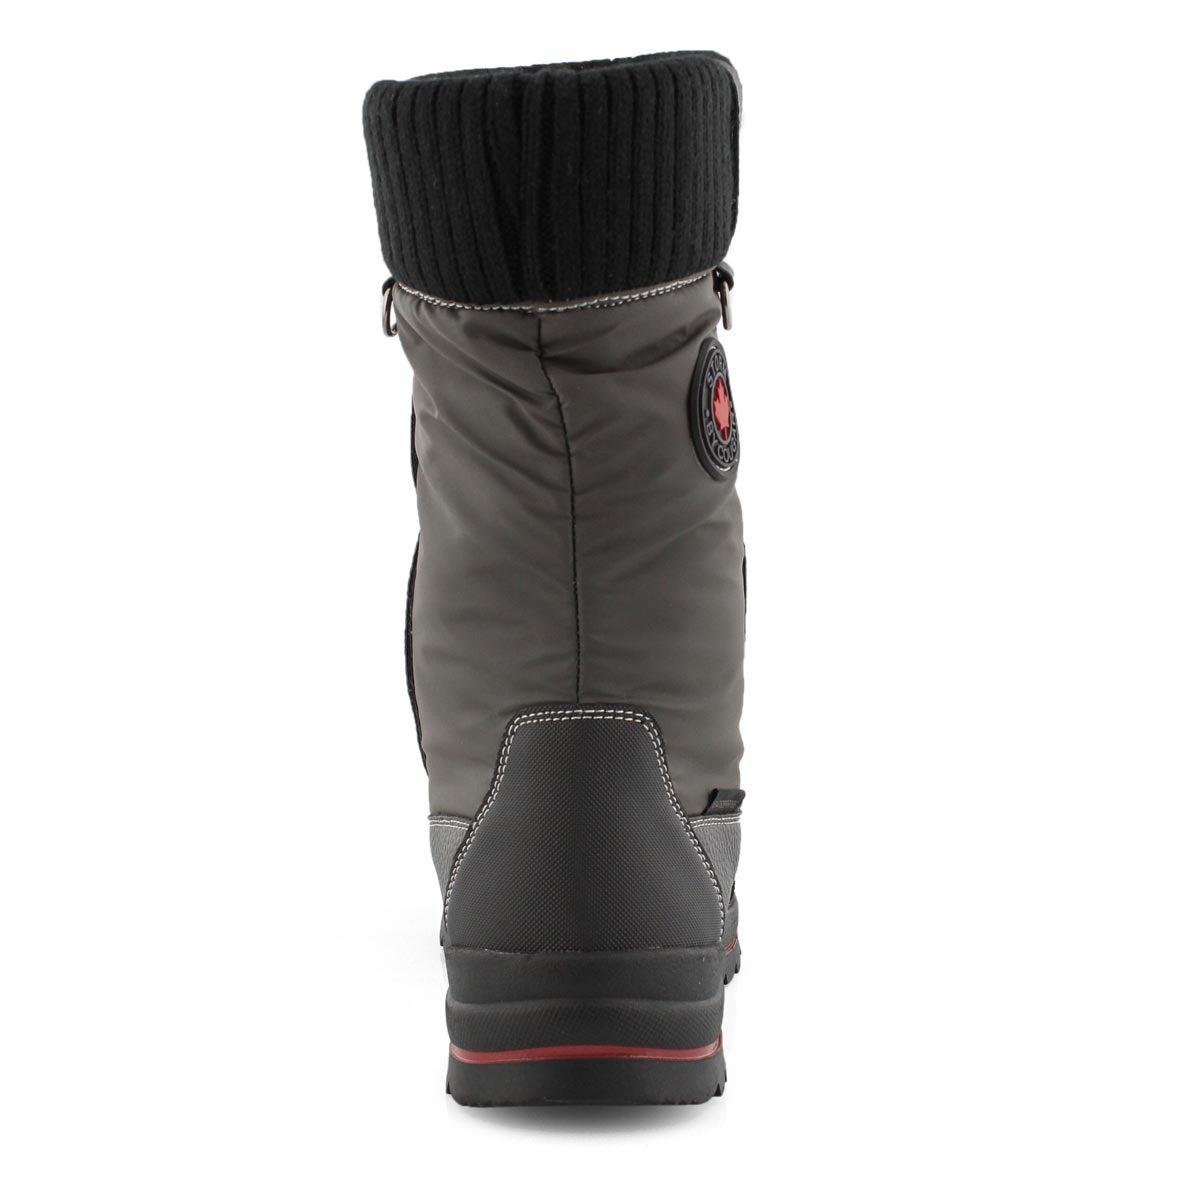 Lds Comos char waterproof winter boot